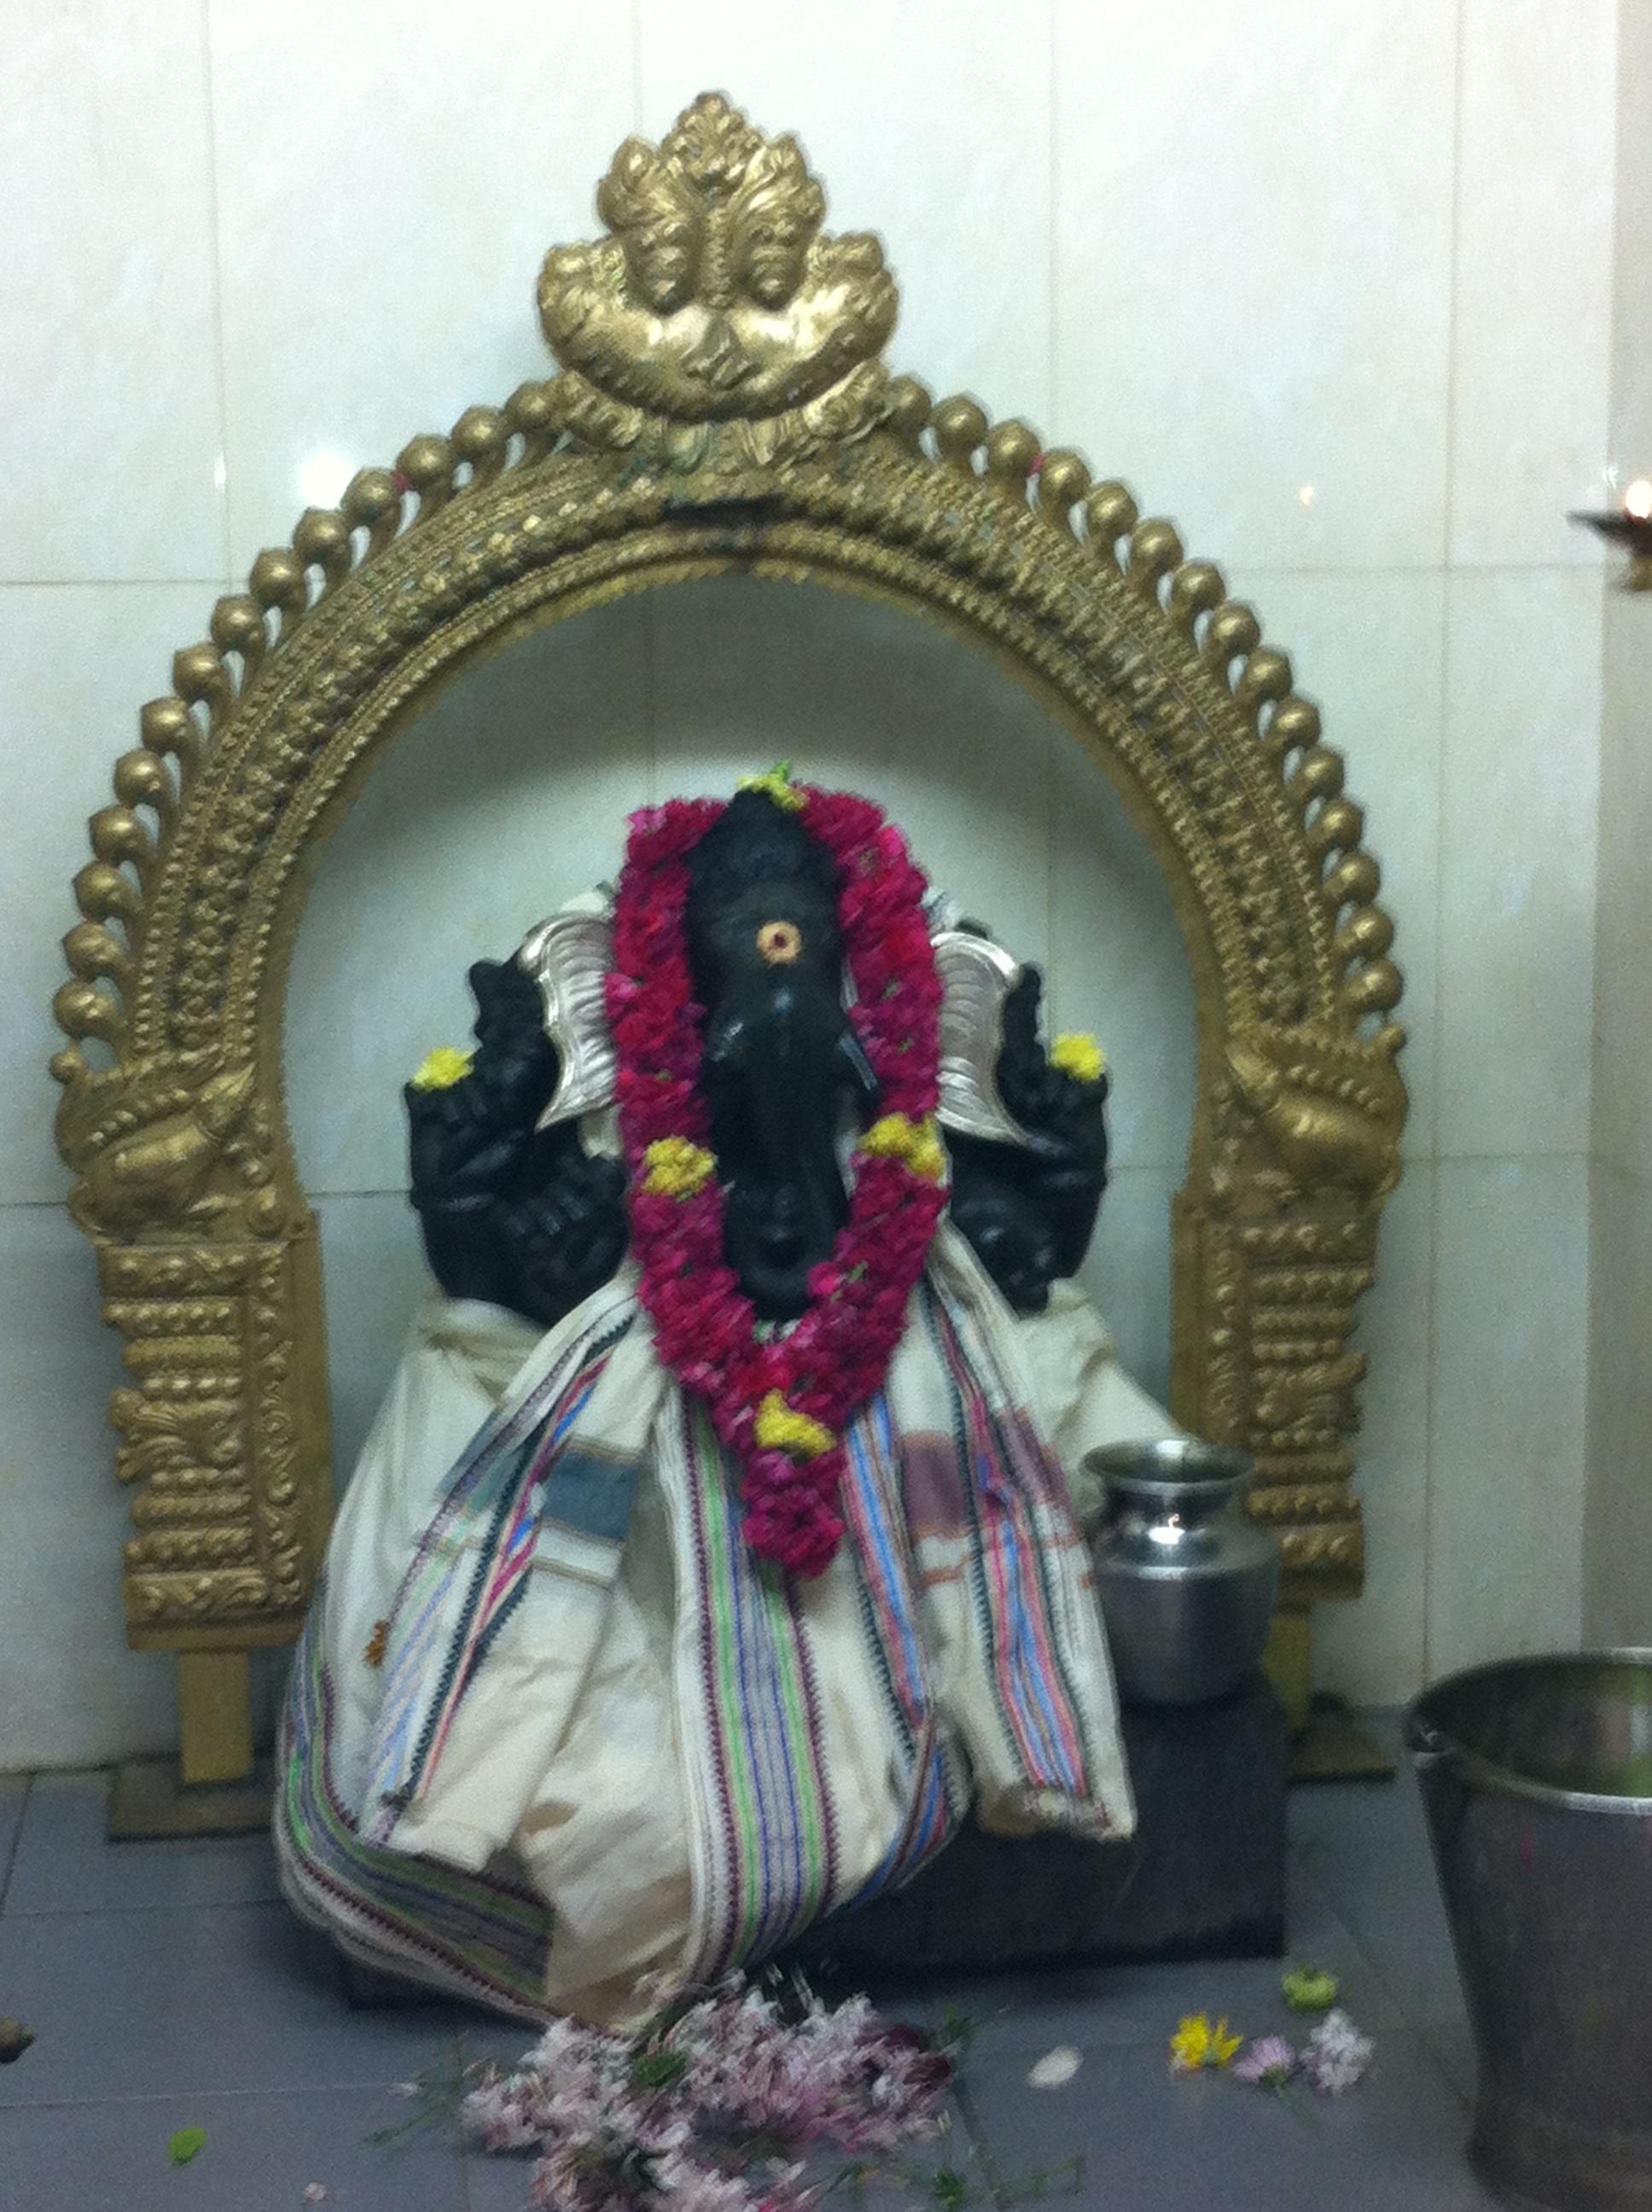 Lord Vinayakar